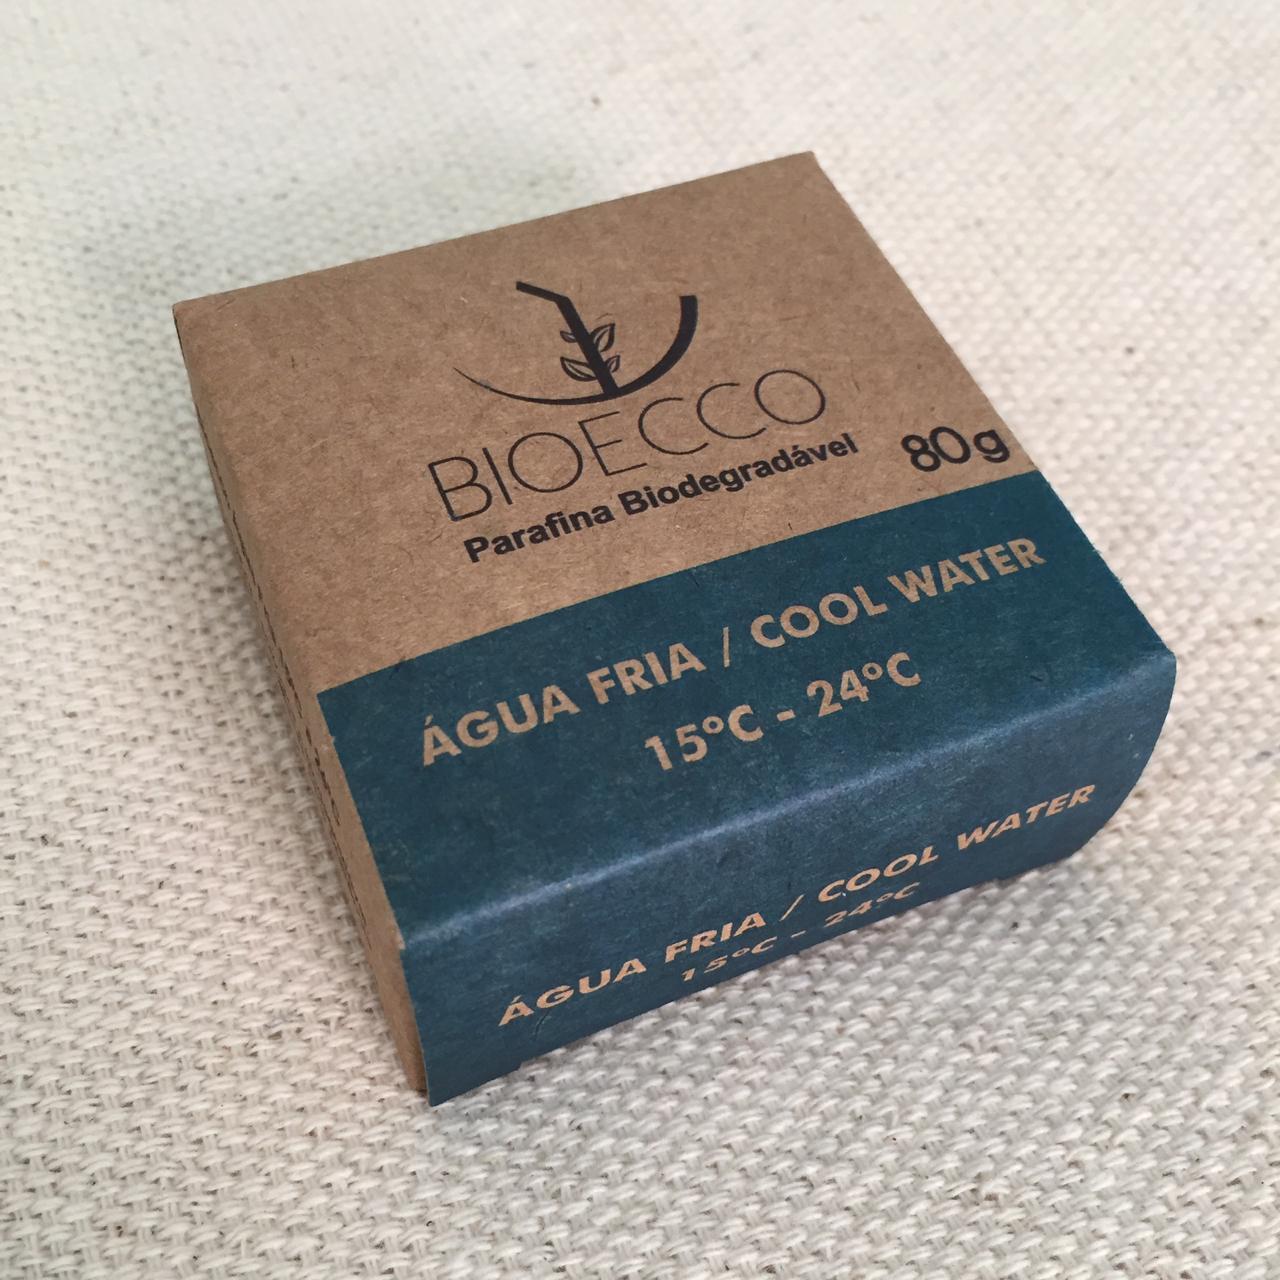 Parafina Biodegradável 100% Ecológica BIOECCO - Fria